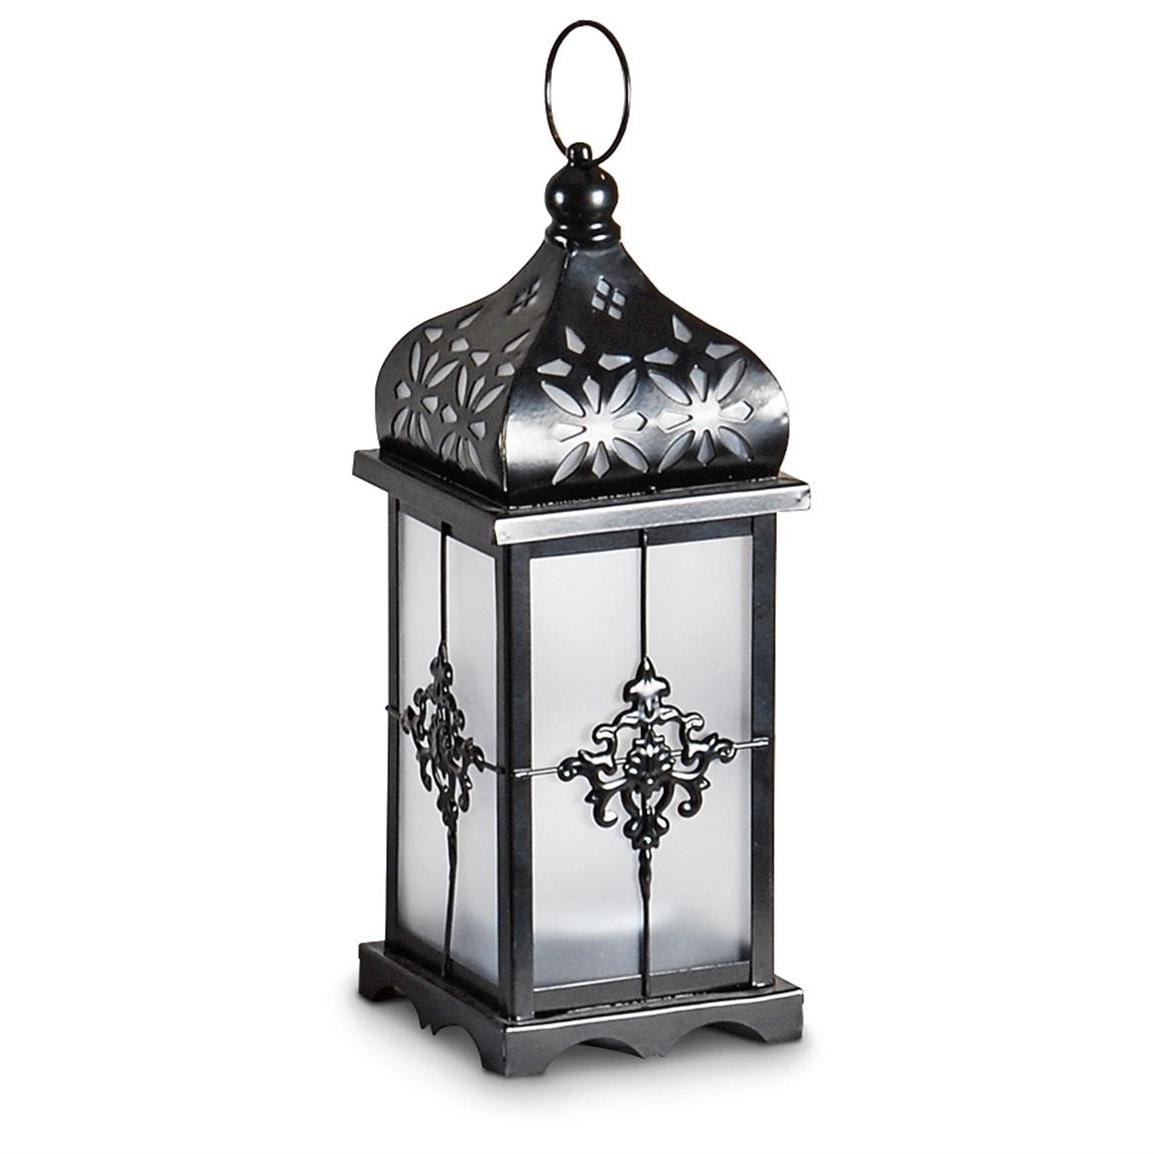 Outdoor Decorative Lanterns For Popular 2 Filigree Solar Lanterns – 232102, Solar & Outdoor Lighting At (Gallery 19 of 20)